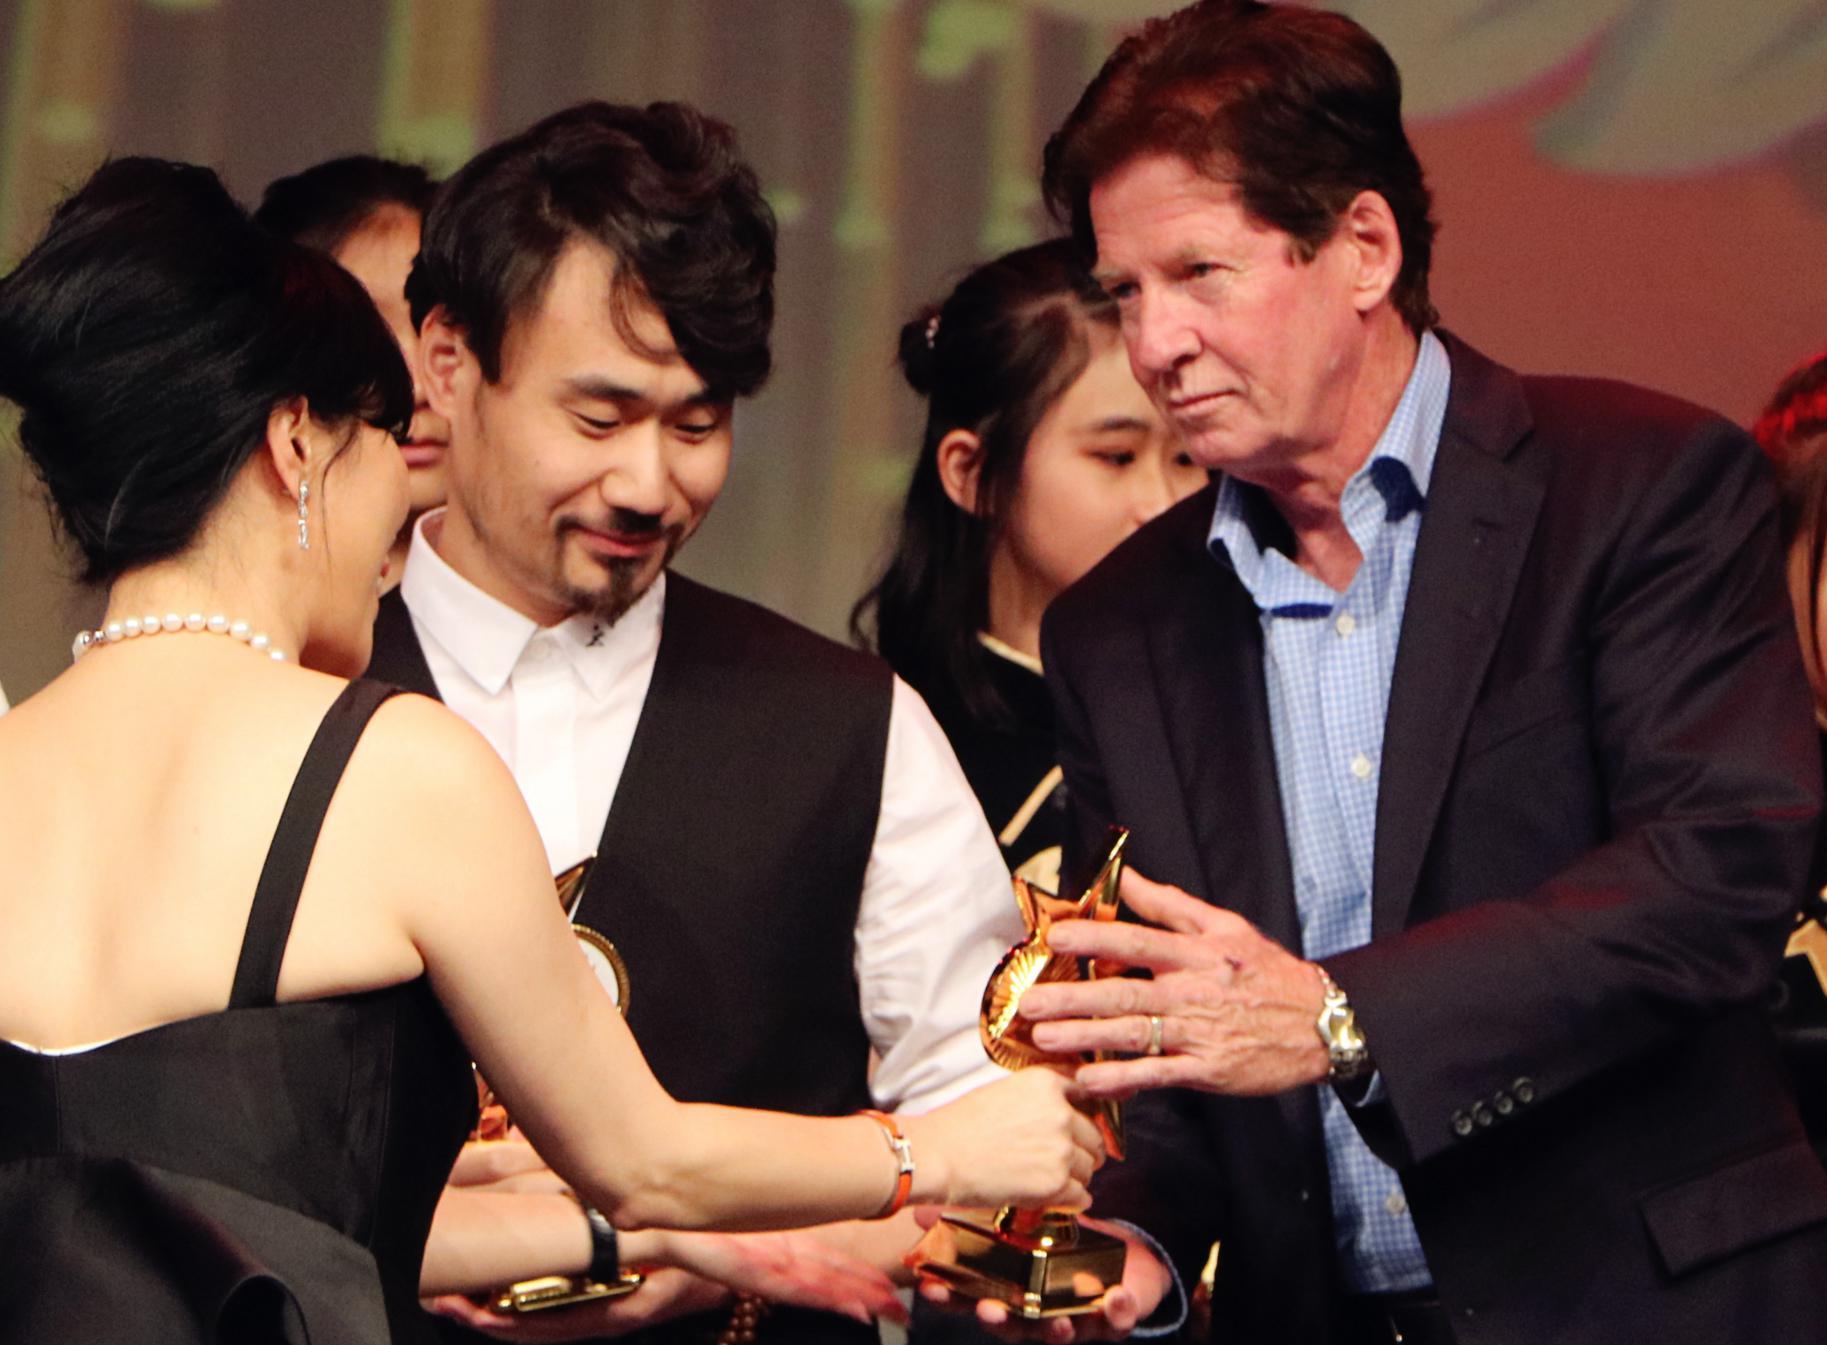 电影《我是谁2015》导演宋胤熹荣获加拿大金枫叶国际电影节最佳新锐导演奖